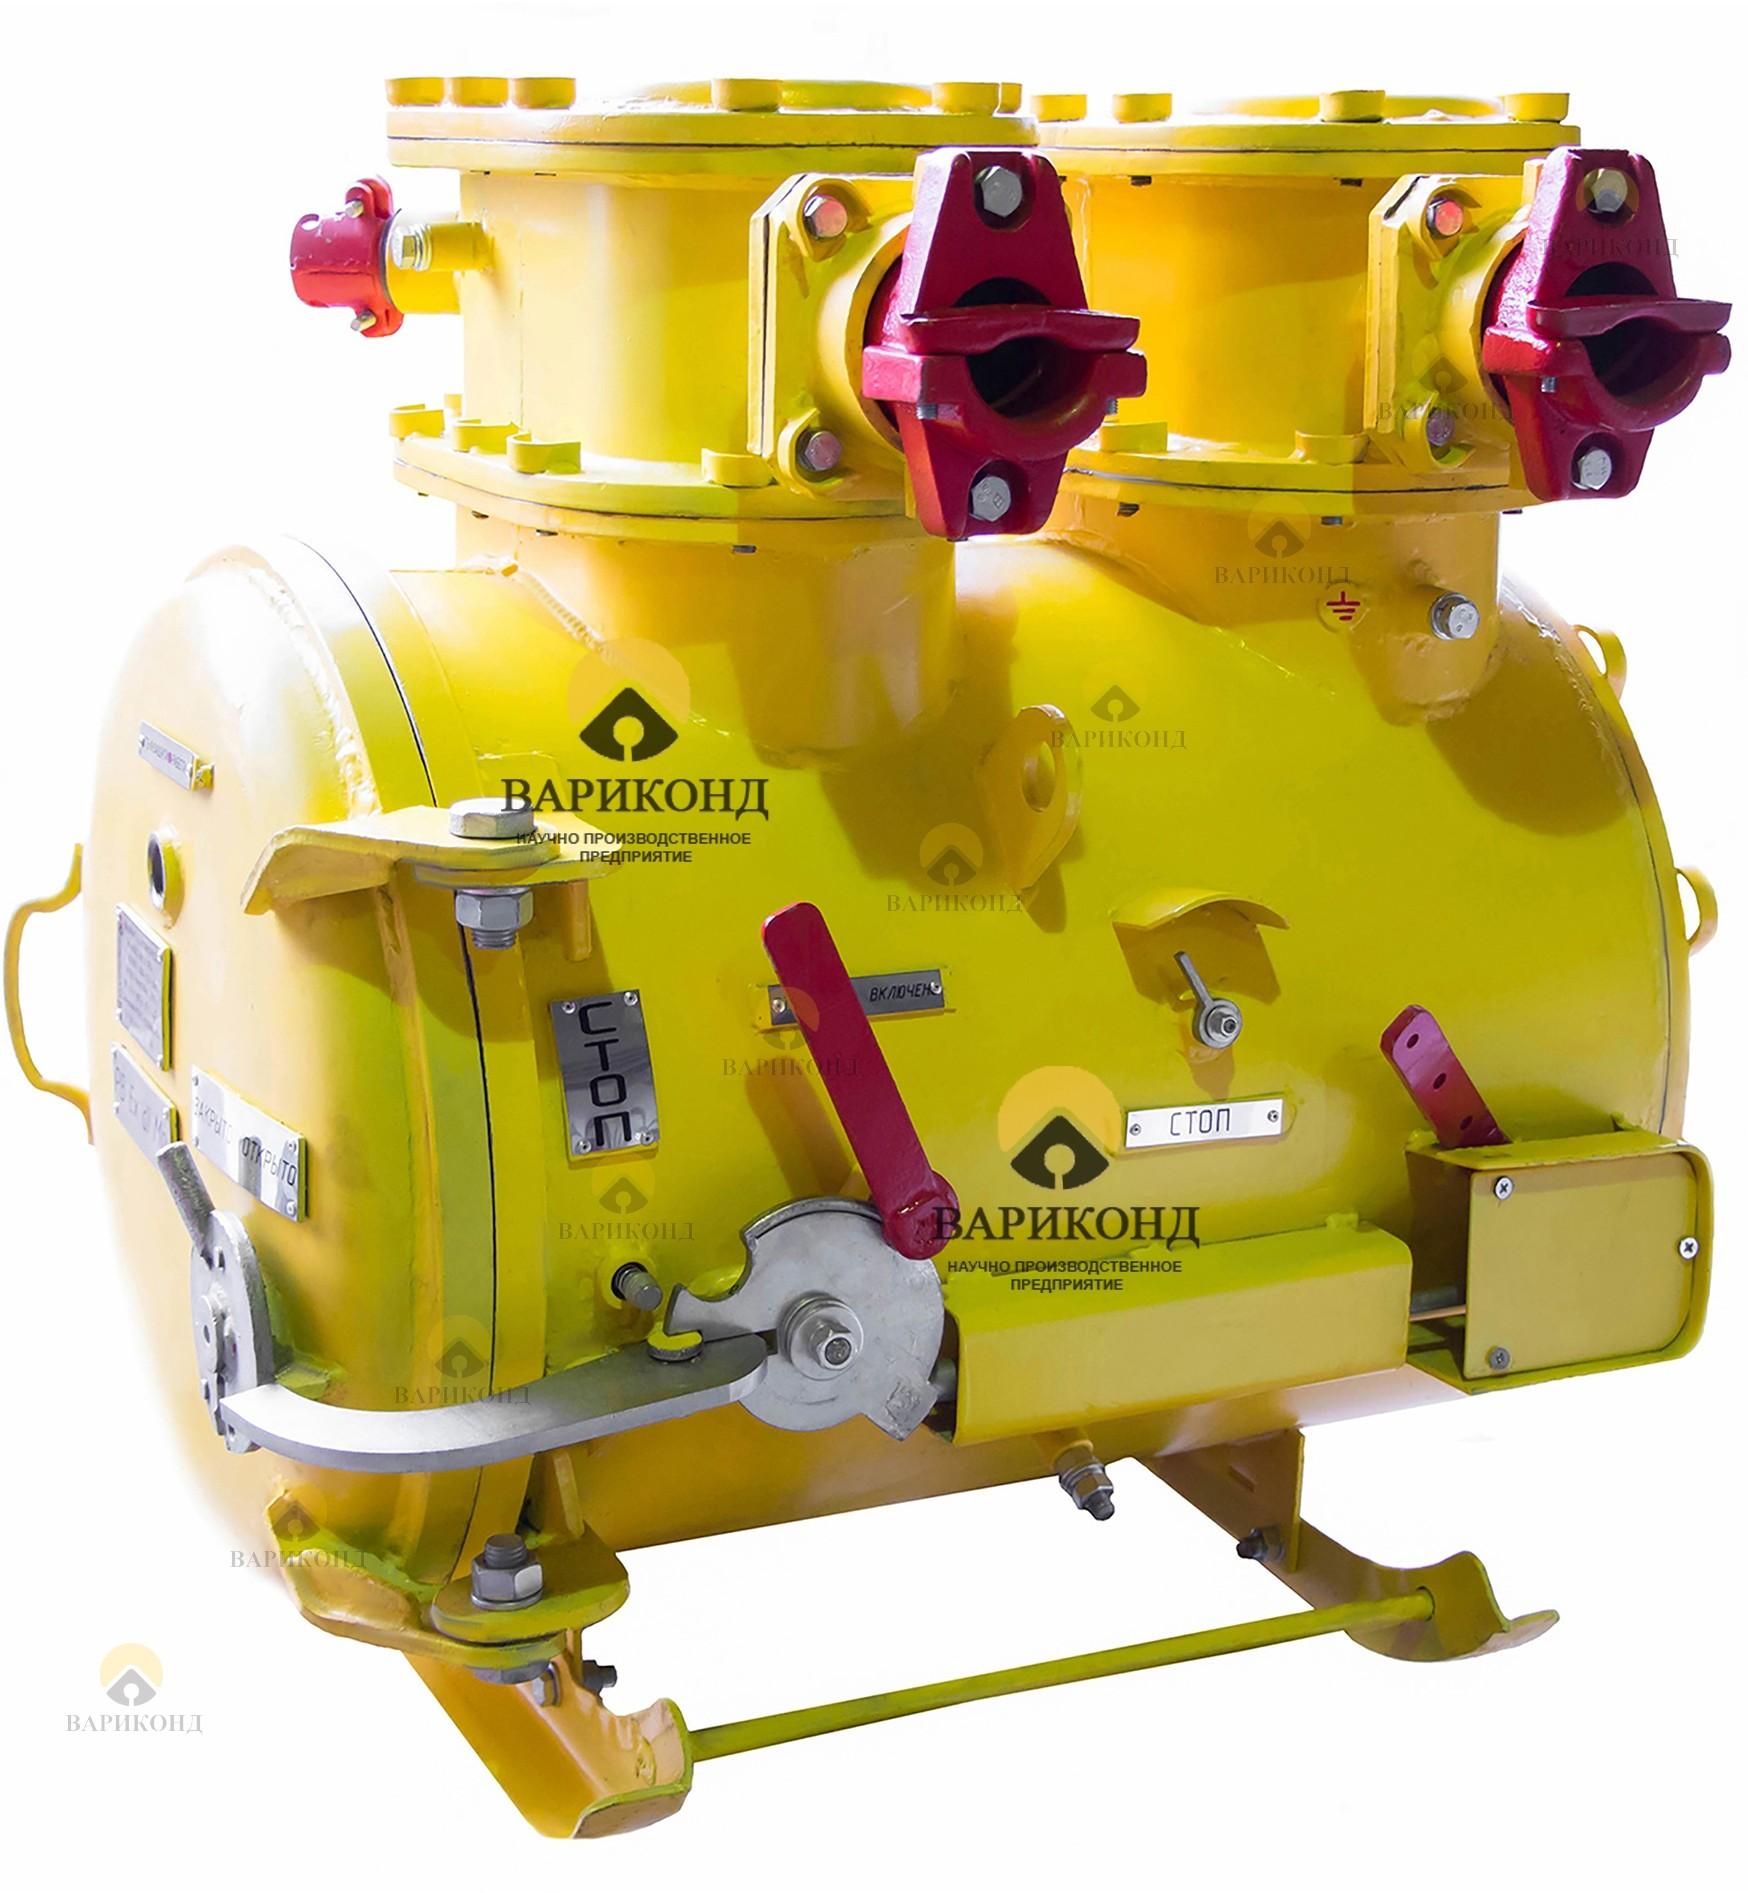 АВ-630ДО (630-400-250ДОМ)